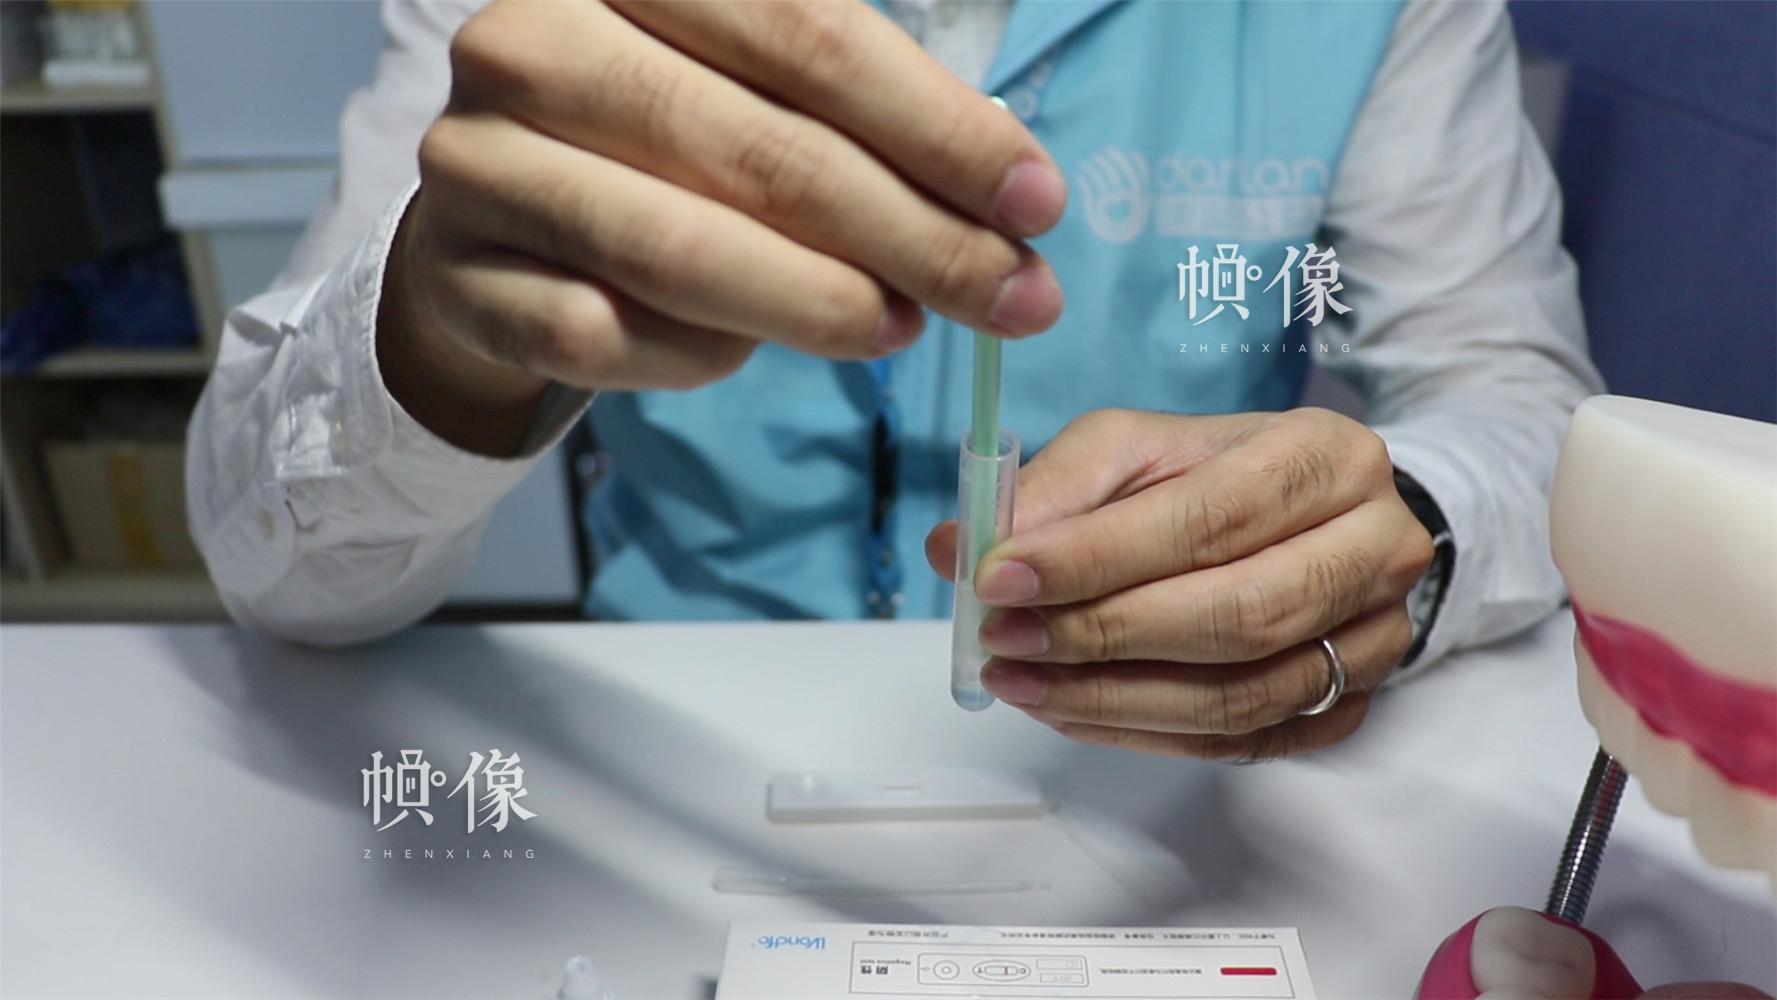 2017年11月22日,检测志愿者进行检测样本提取。中国网实习记者 朱珊杉 摄